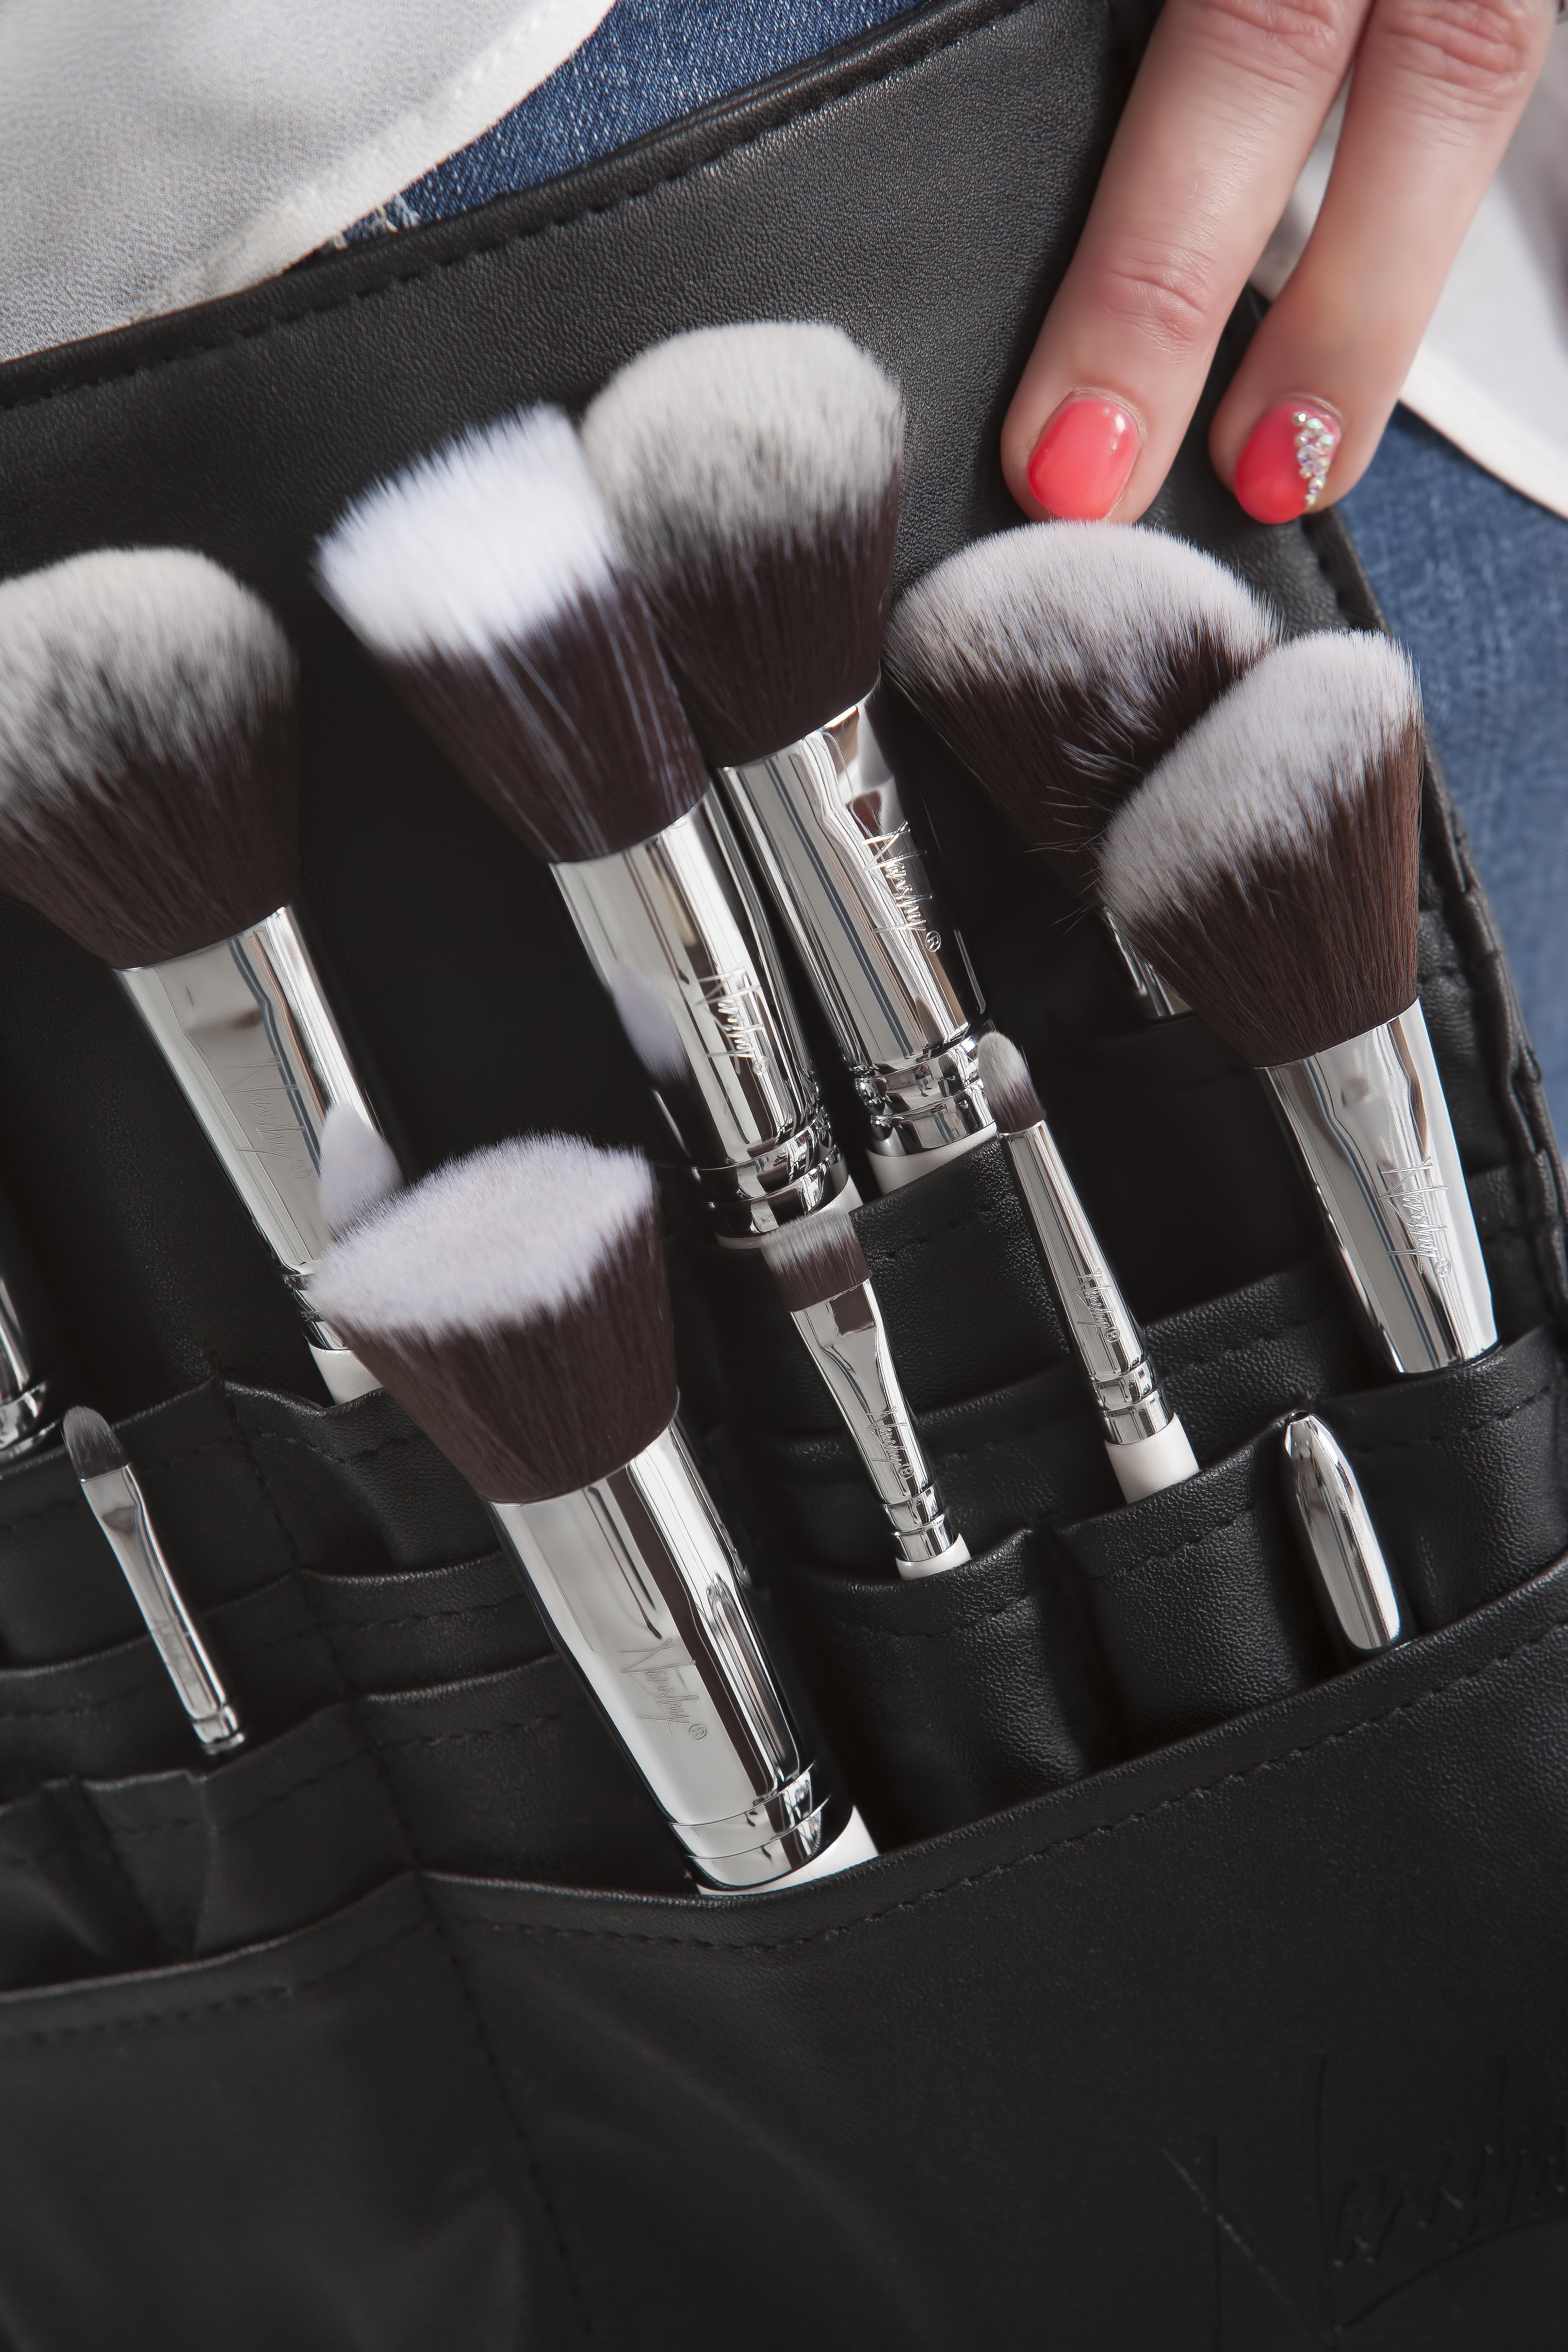 Фотографии кистей для макияжа